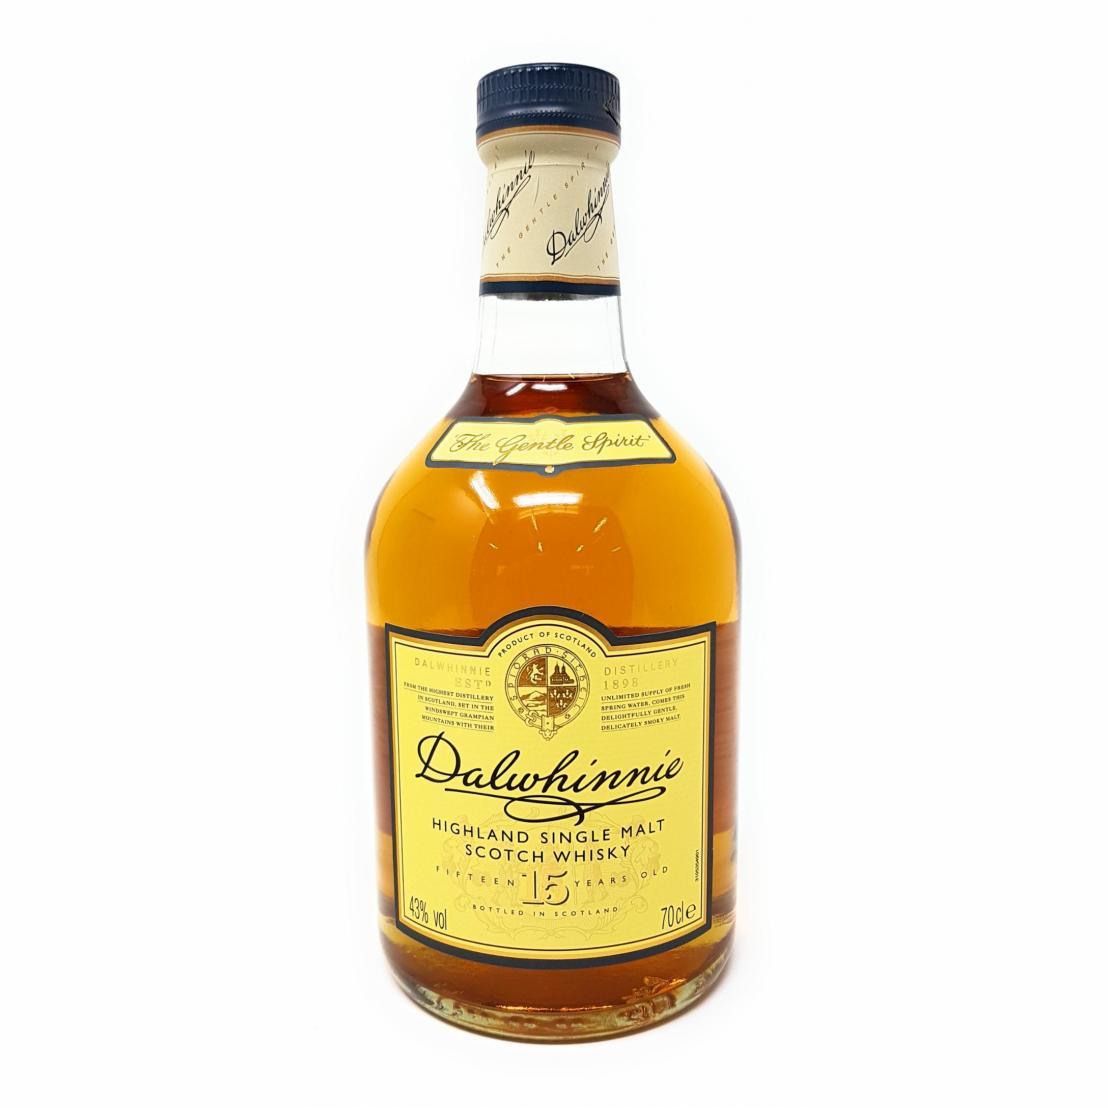 Dalwhinnie Highland Single Malt Scotch Whisky – 15 Jahre gereift – Aromen von Heidekraut und Honig